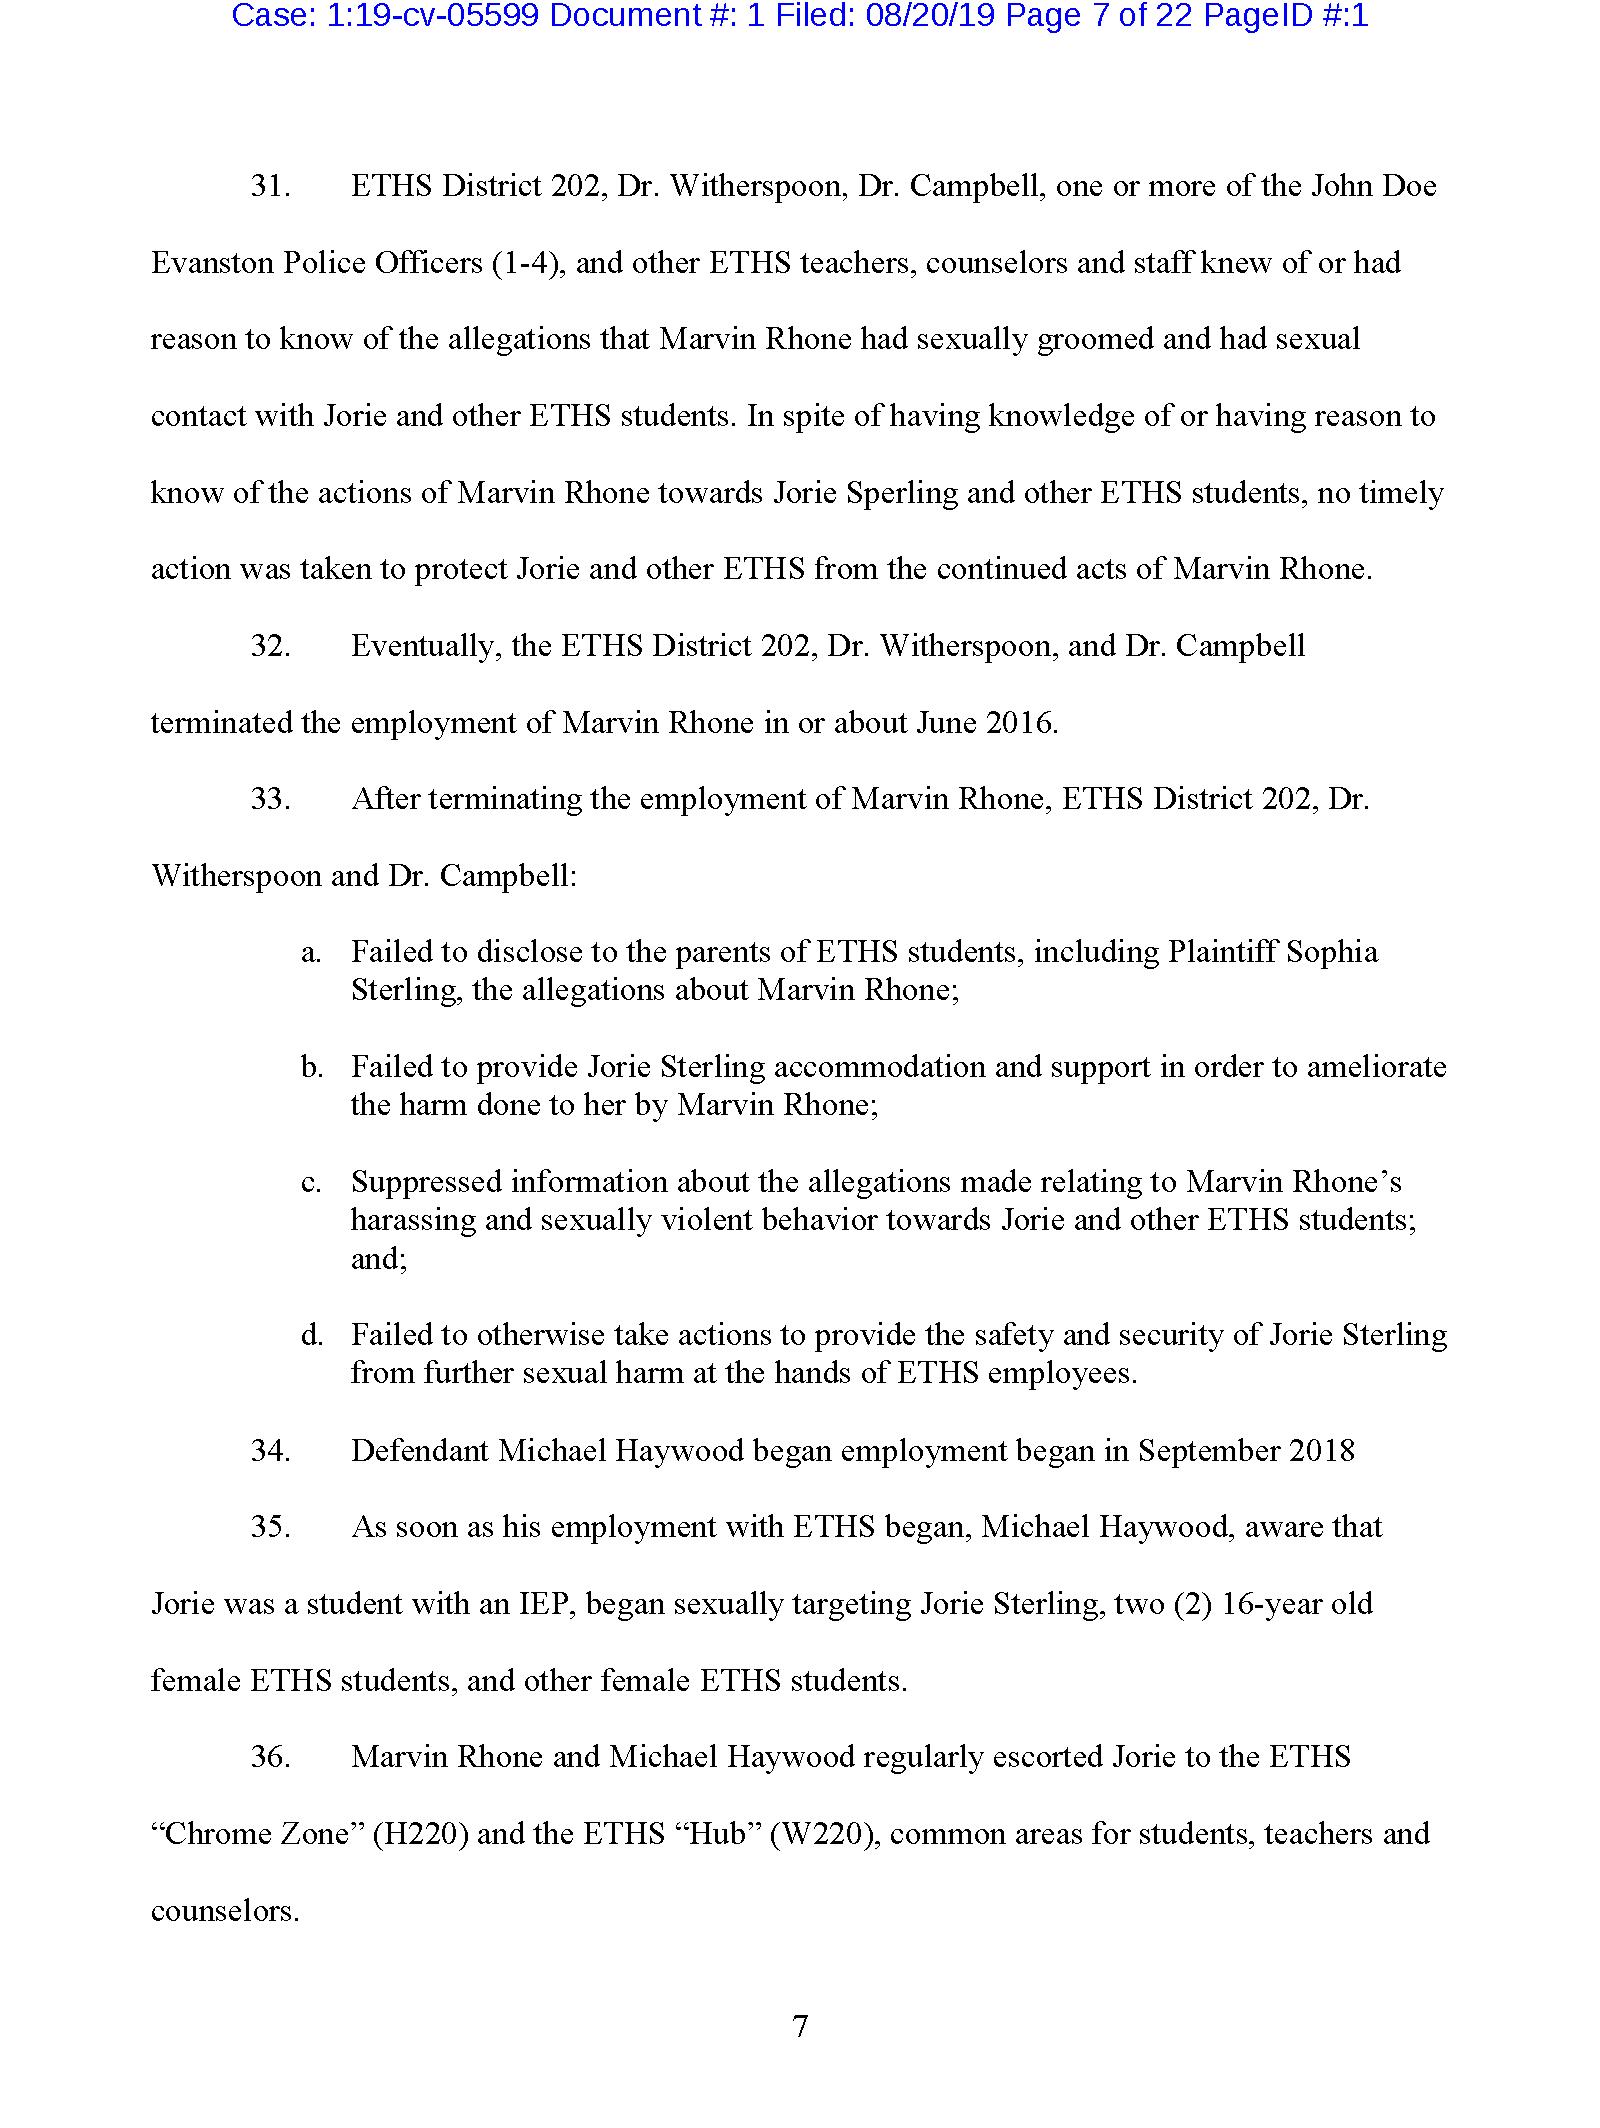 Copy of Complaint0107.png